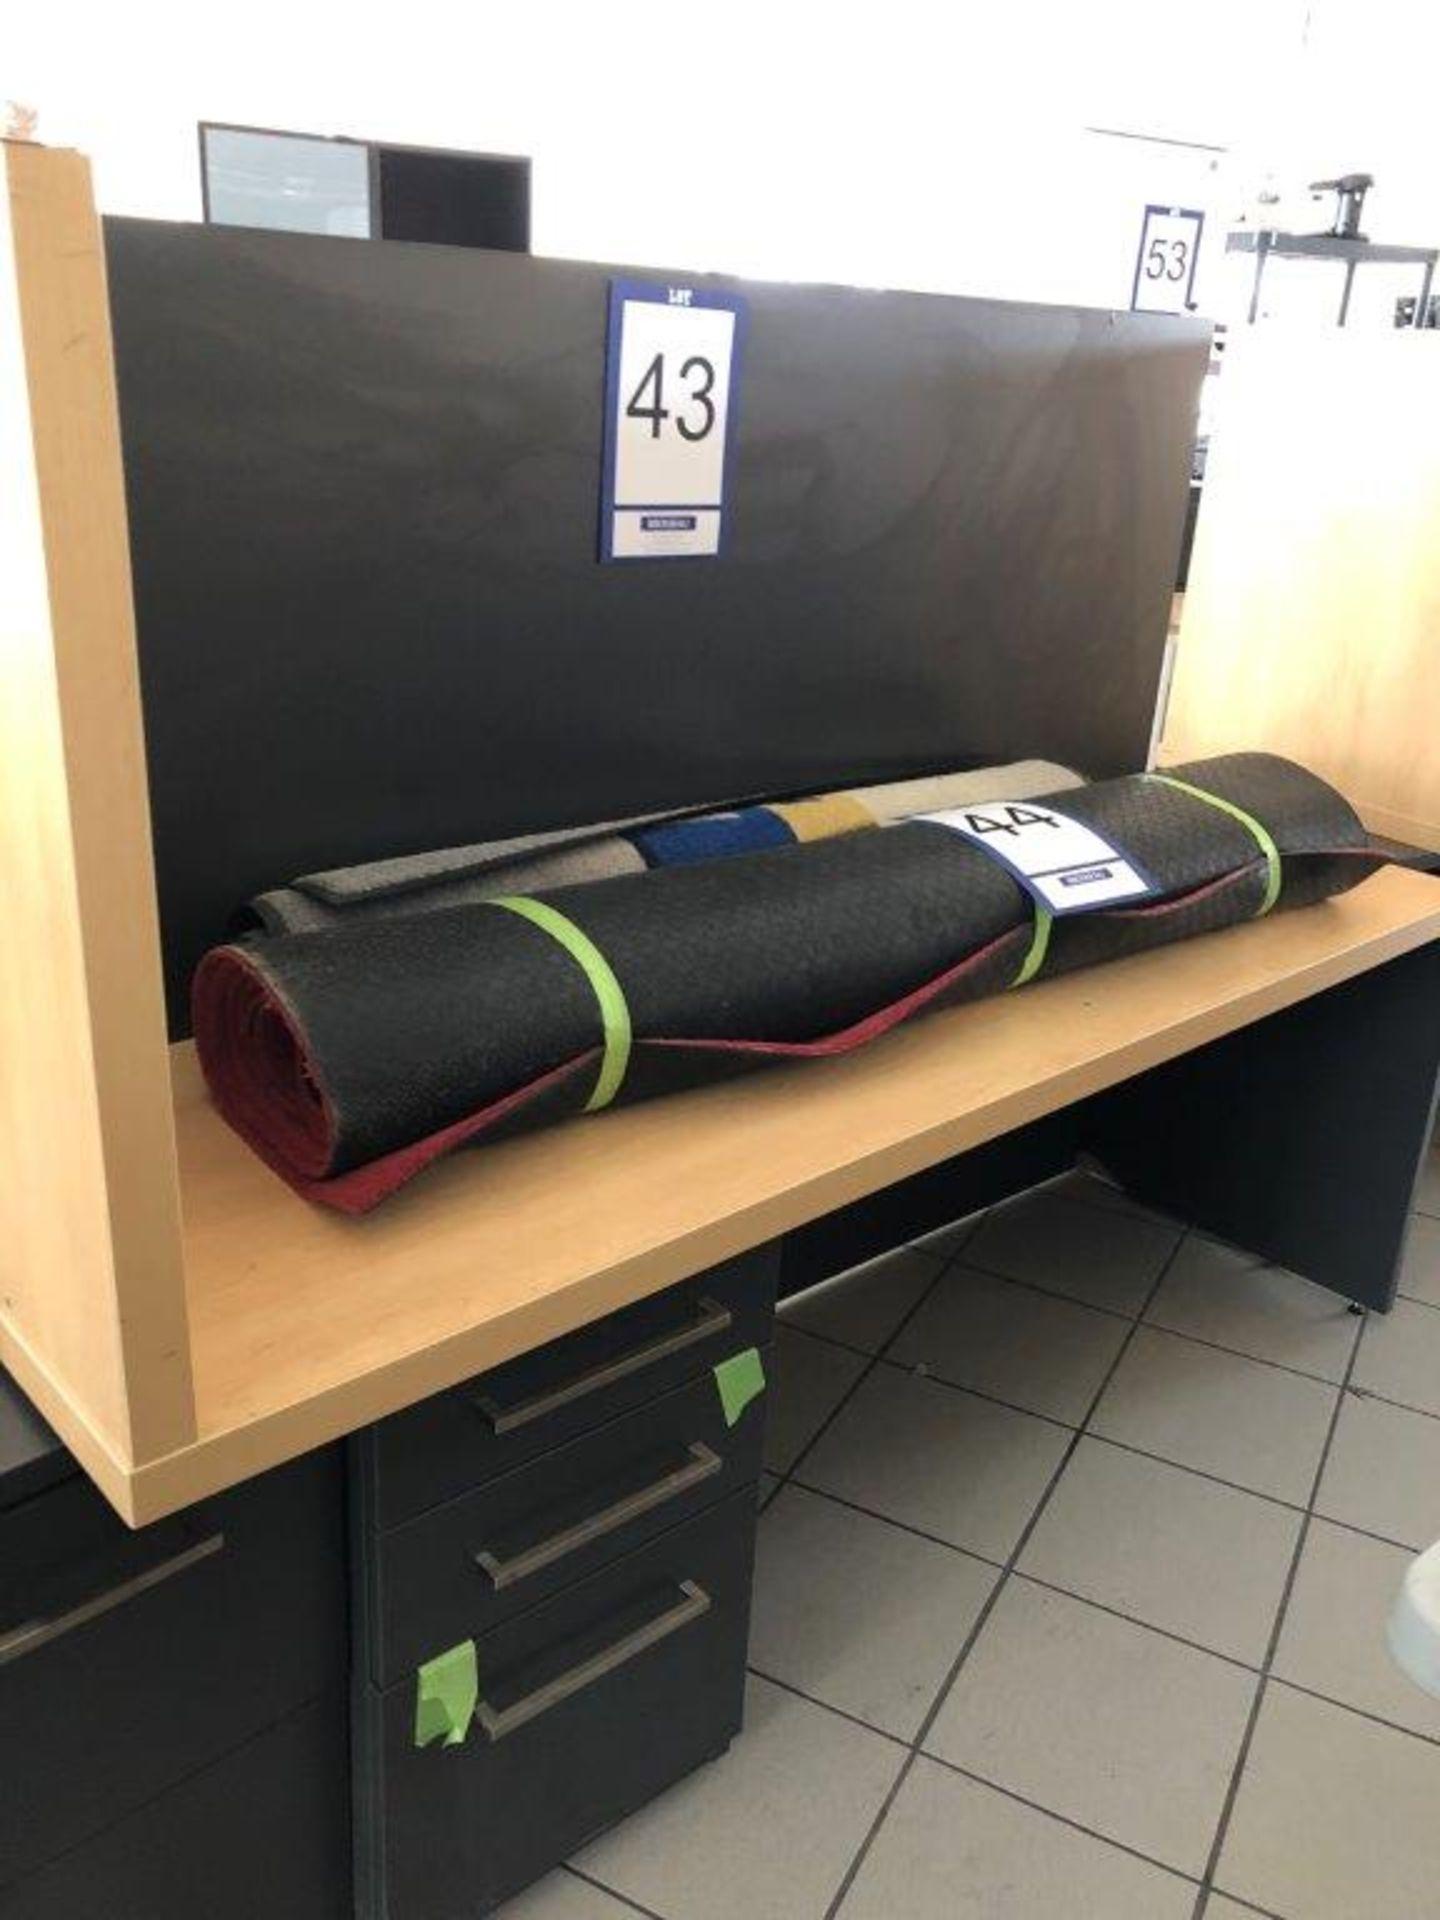 Lot 43 - Bureau avec retour, tiroir pour clavier et cabinet 4 tiroirs